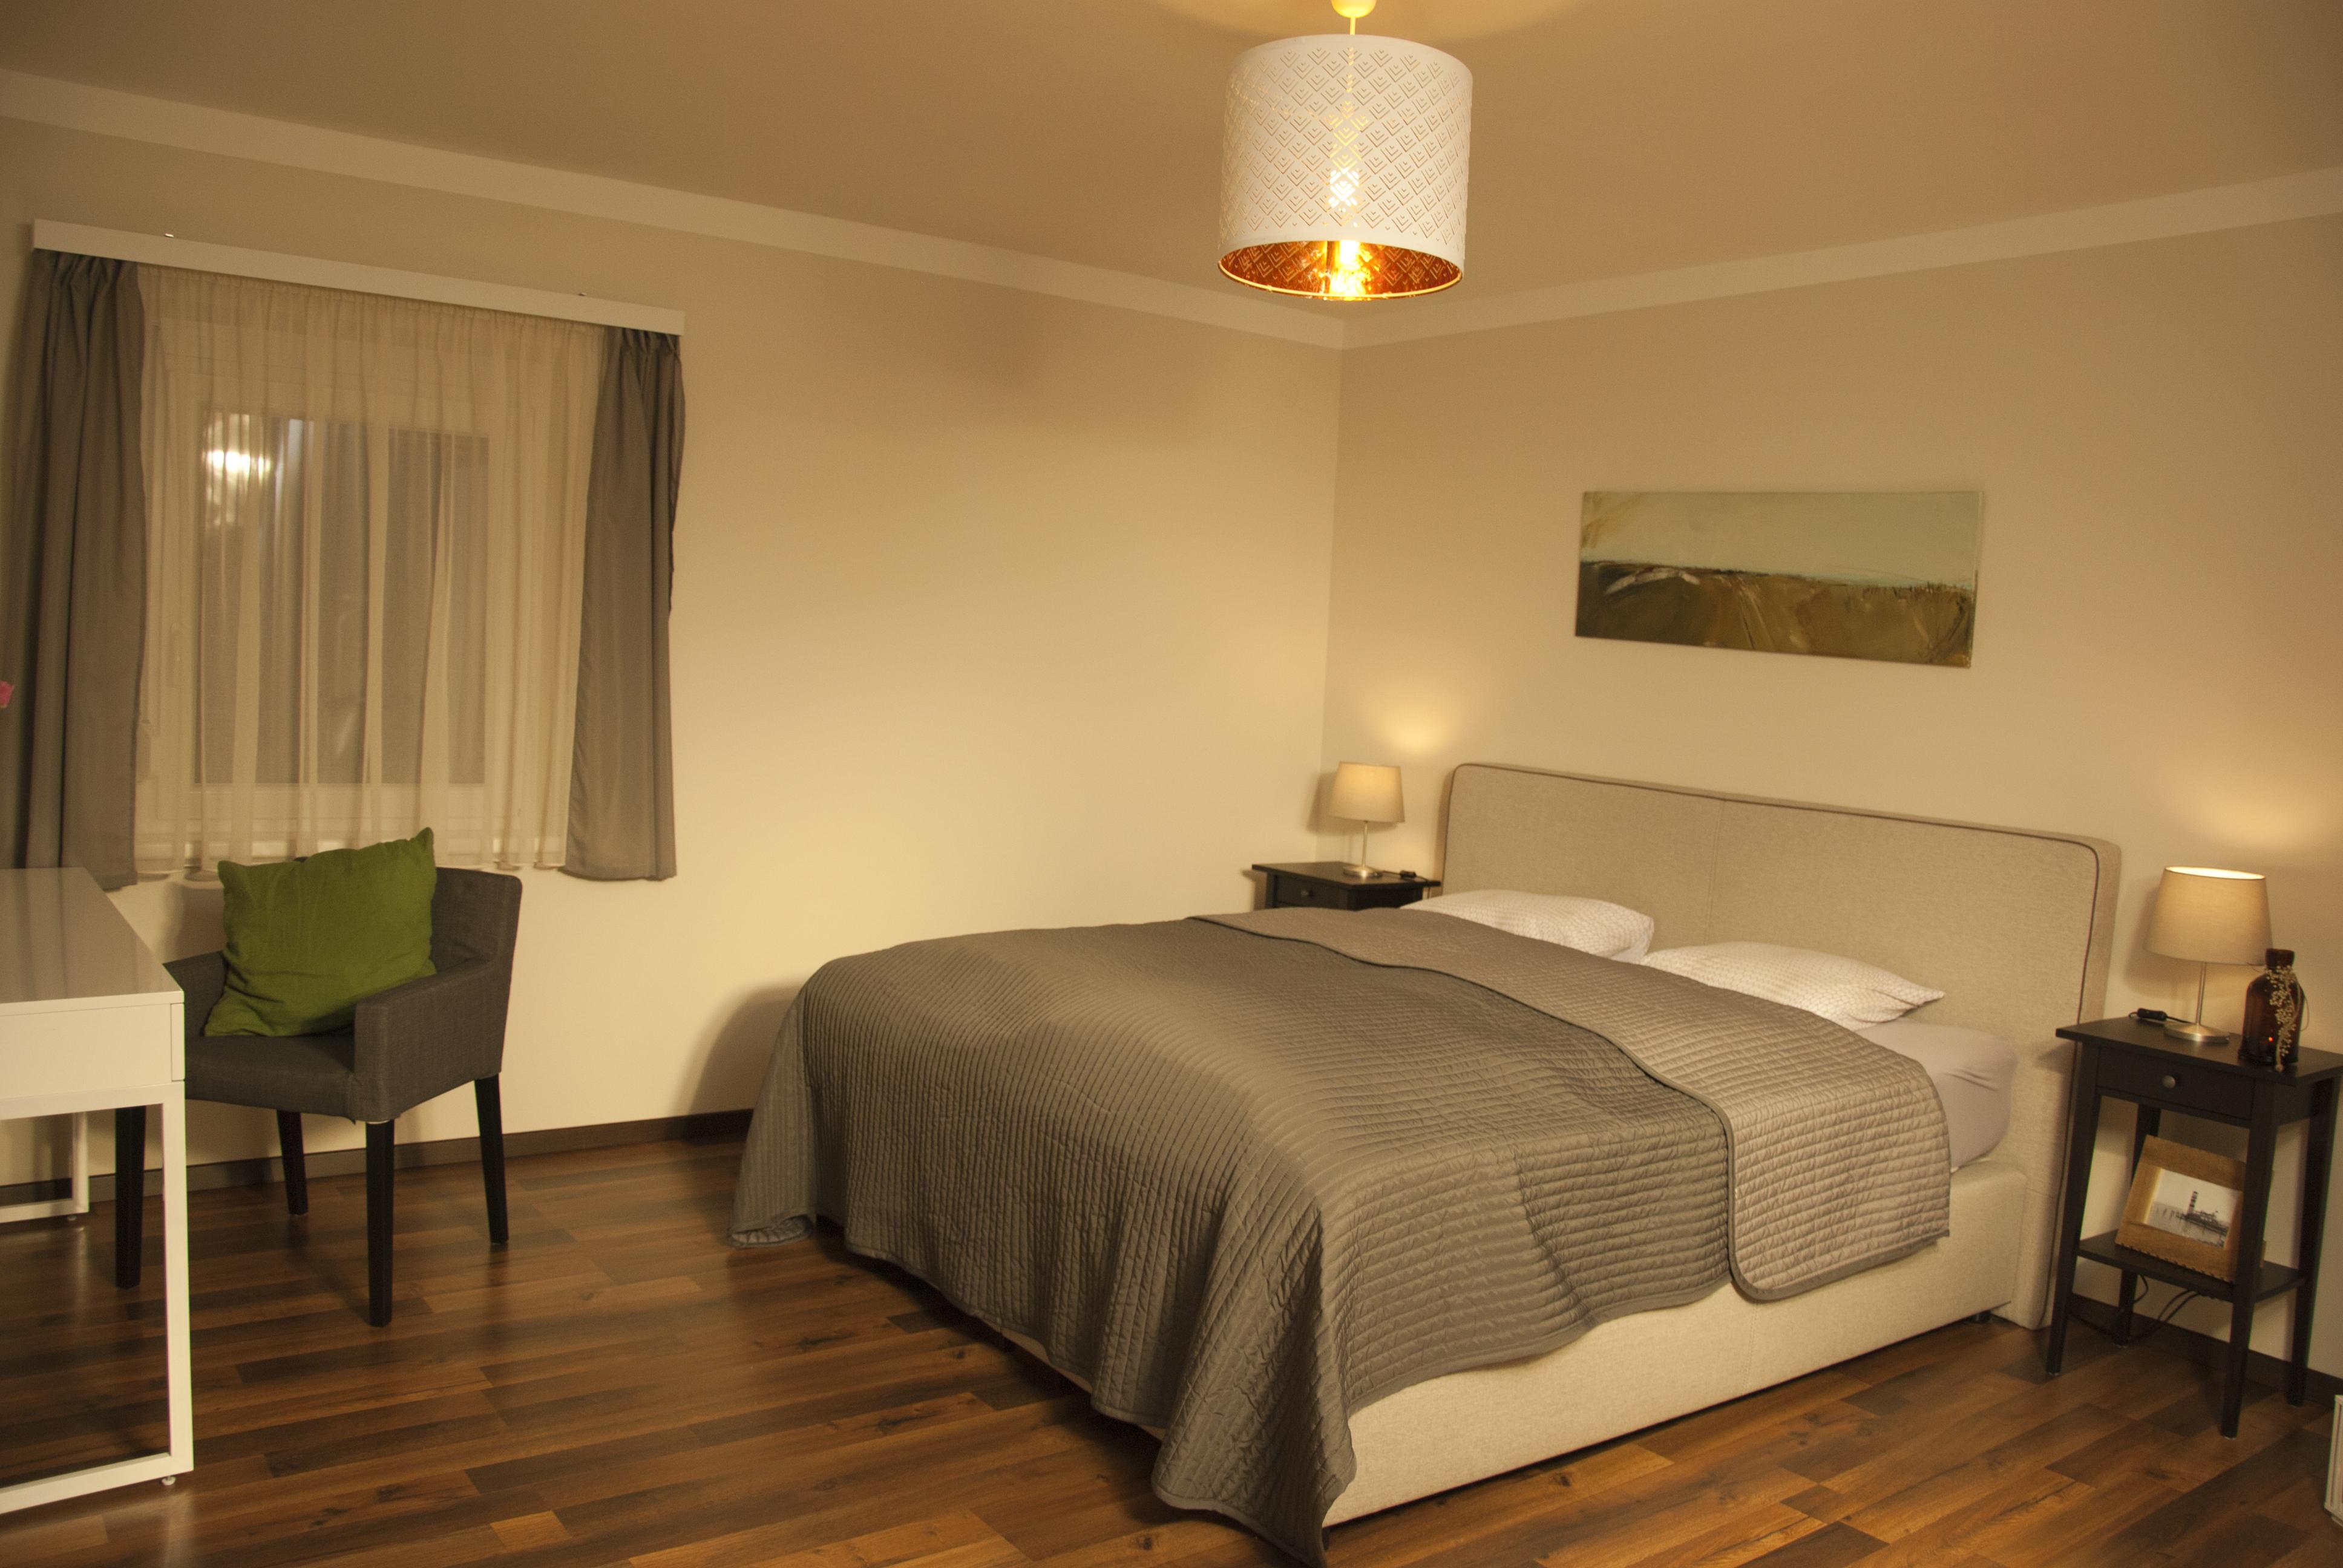 schlafzimmer unten DSC_3217